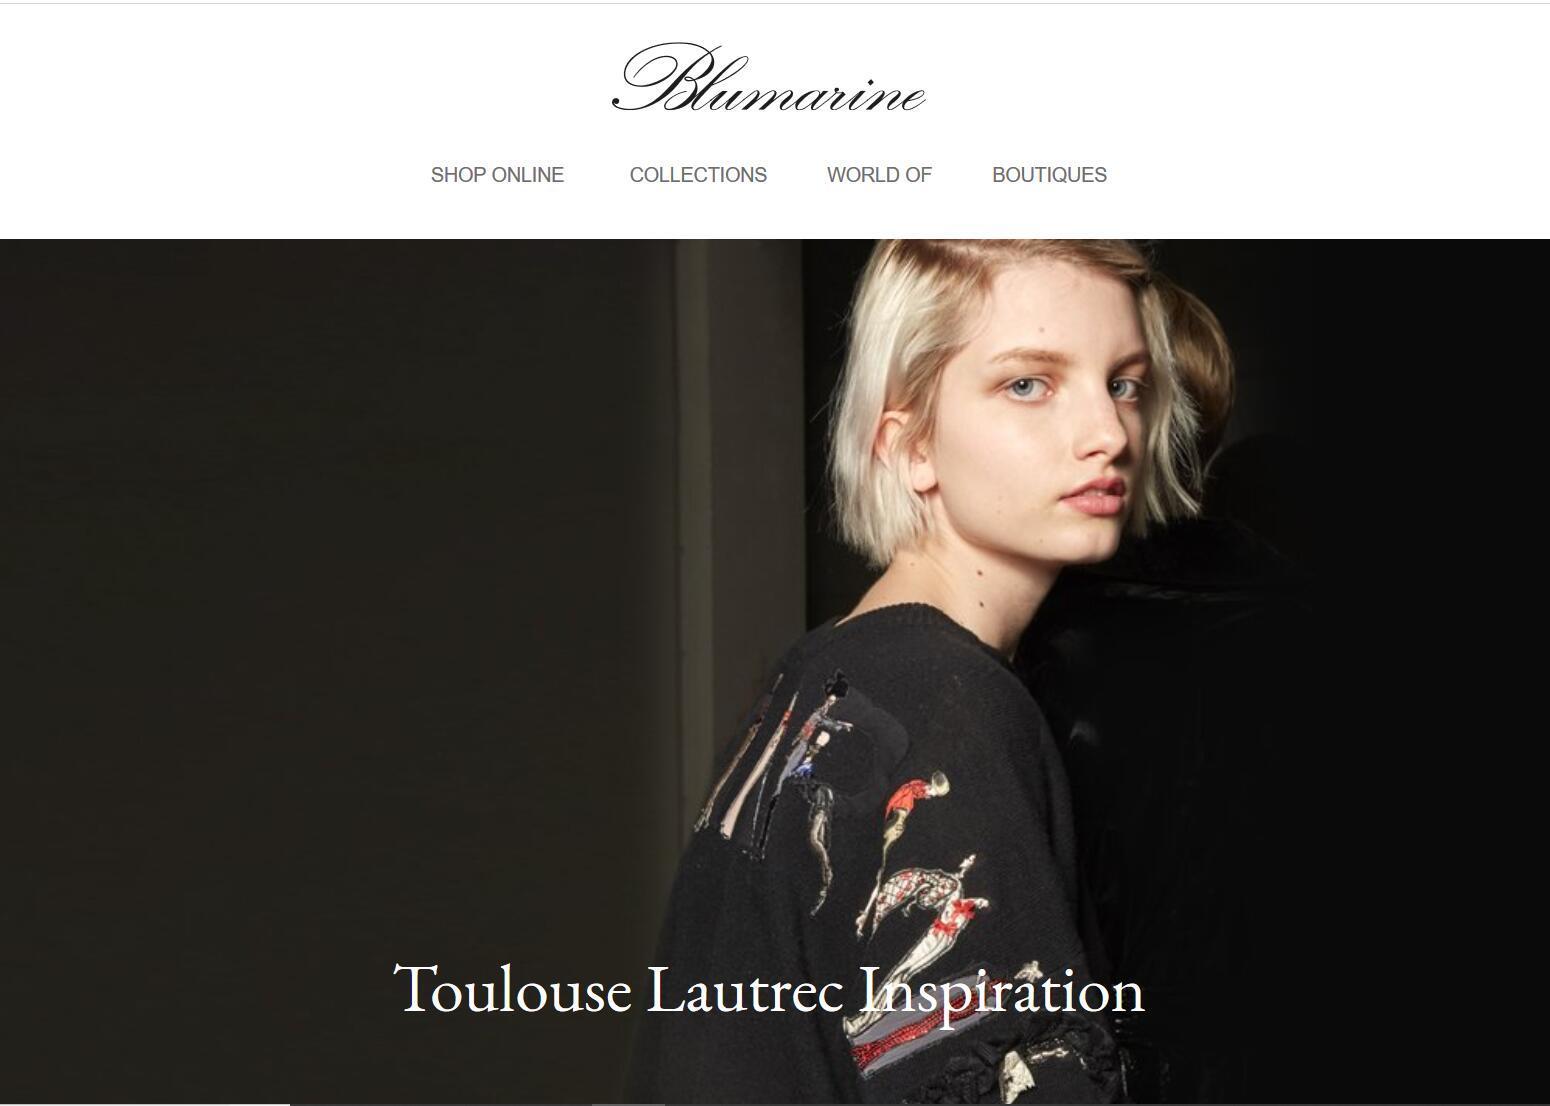 意大利时尚品牌 Liu Jo 和 Blumarine 的母公司计划在两年内启动 IPO